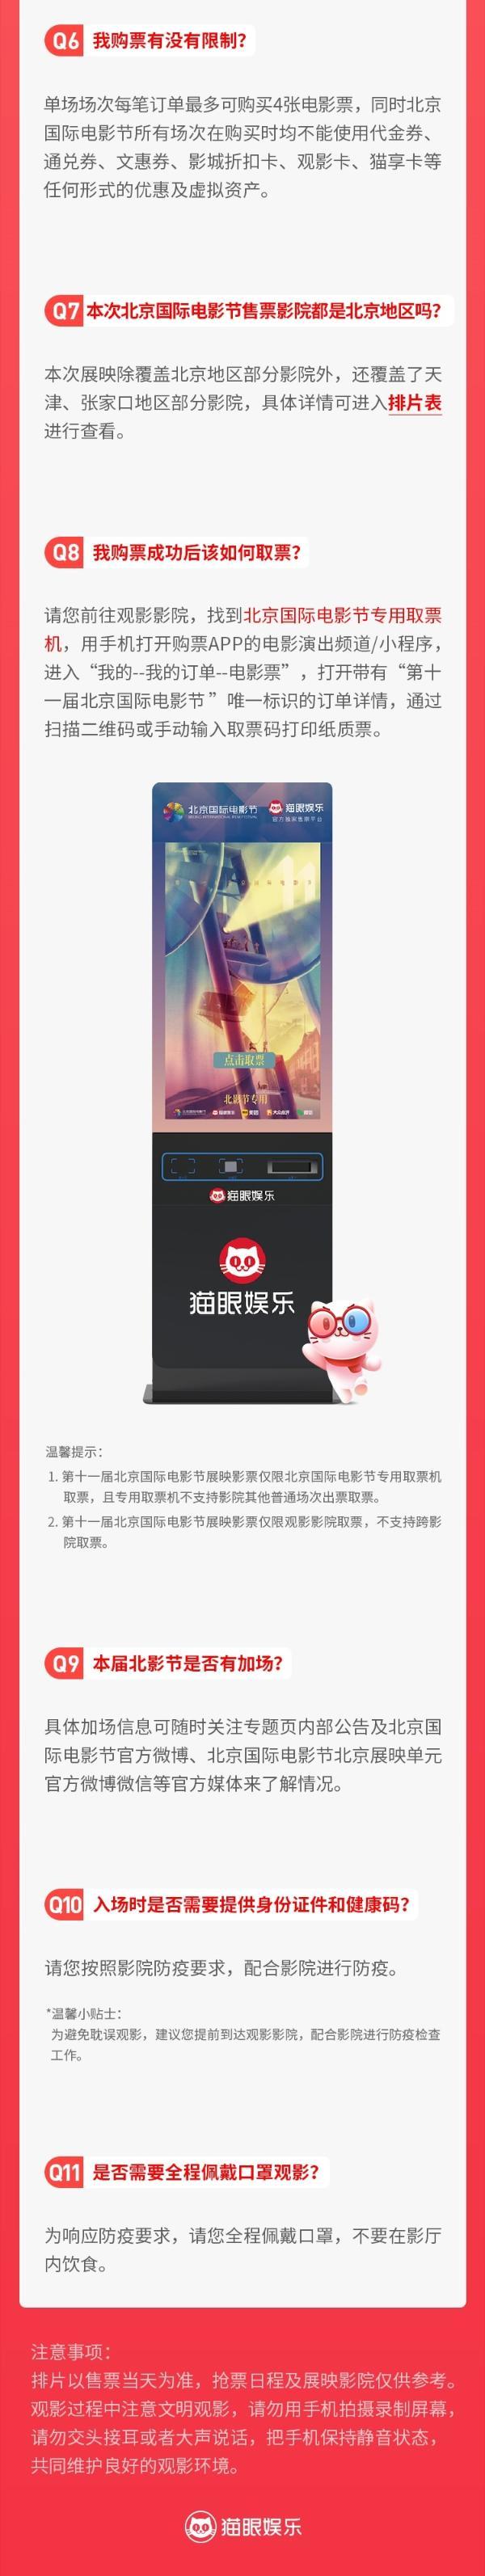 """第十一届北京国际电影节开幕进入倒计时!""""北京展映""""明日开票!"""